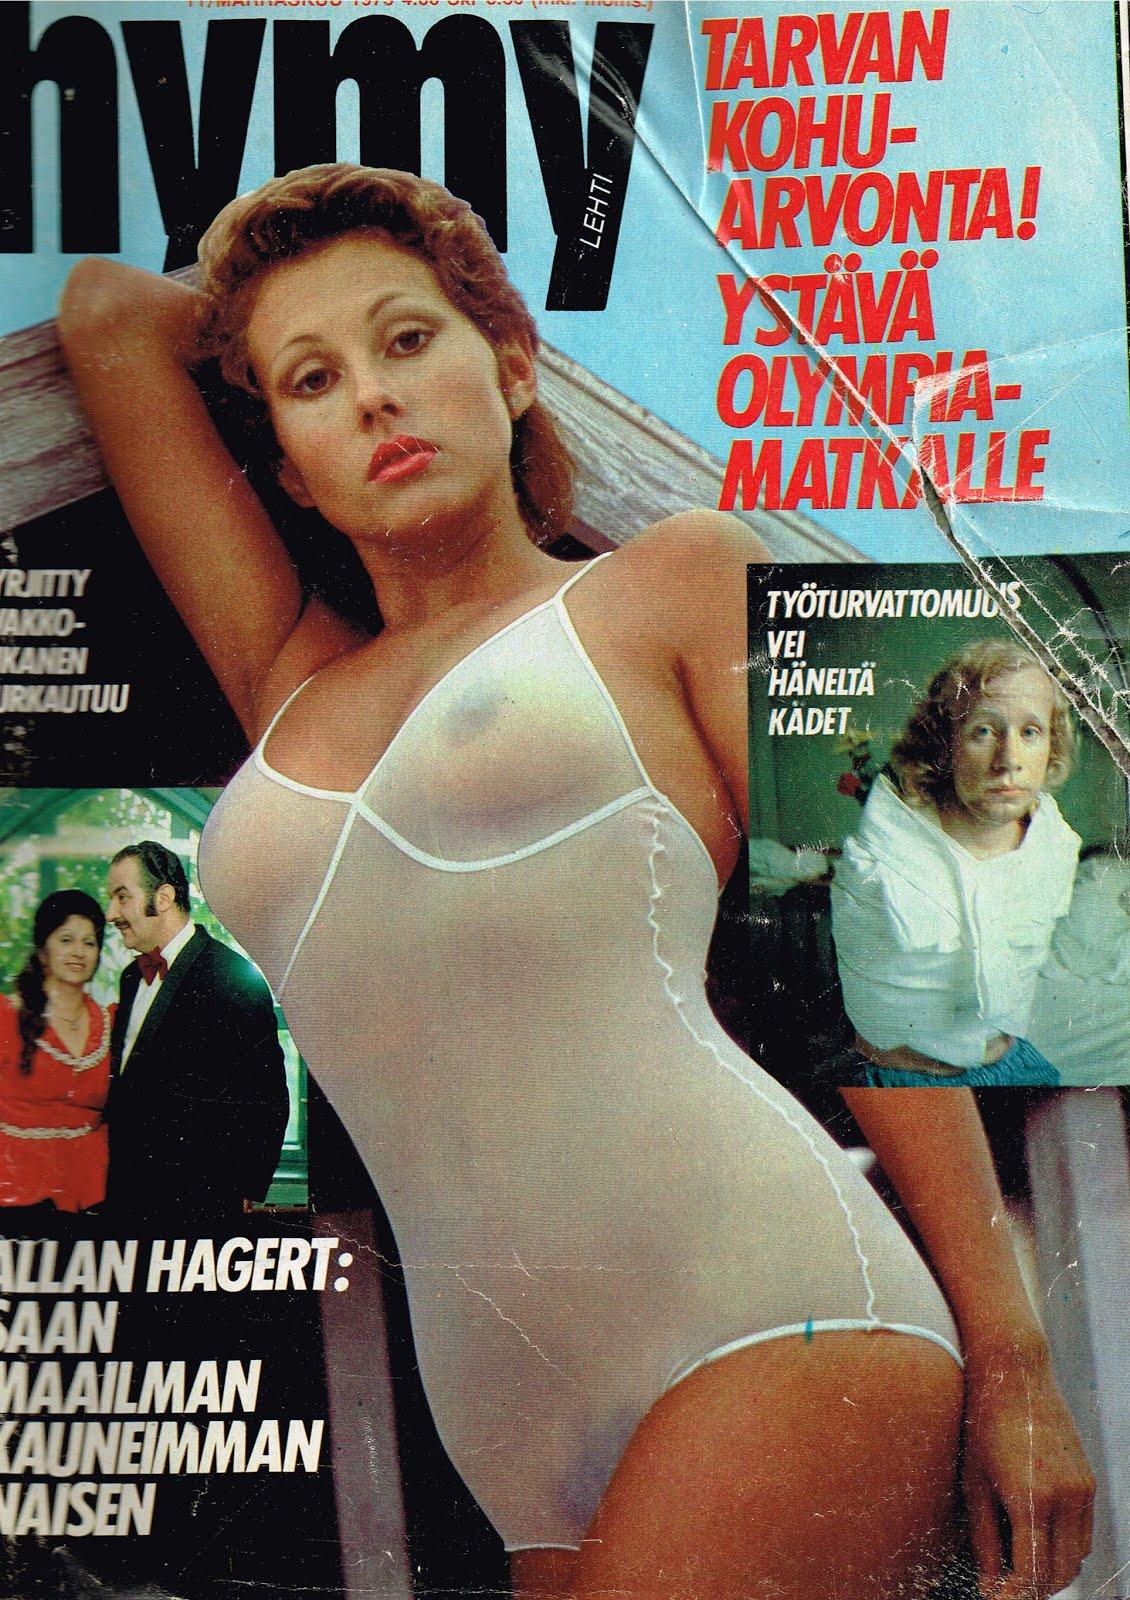 erotiikka sivut suomalaiset alasti